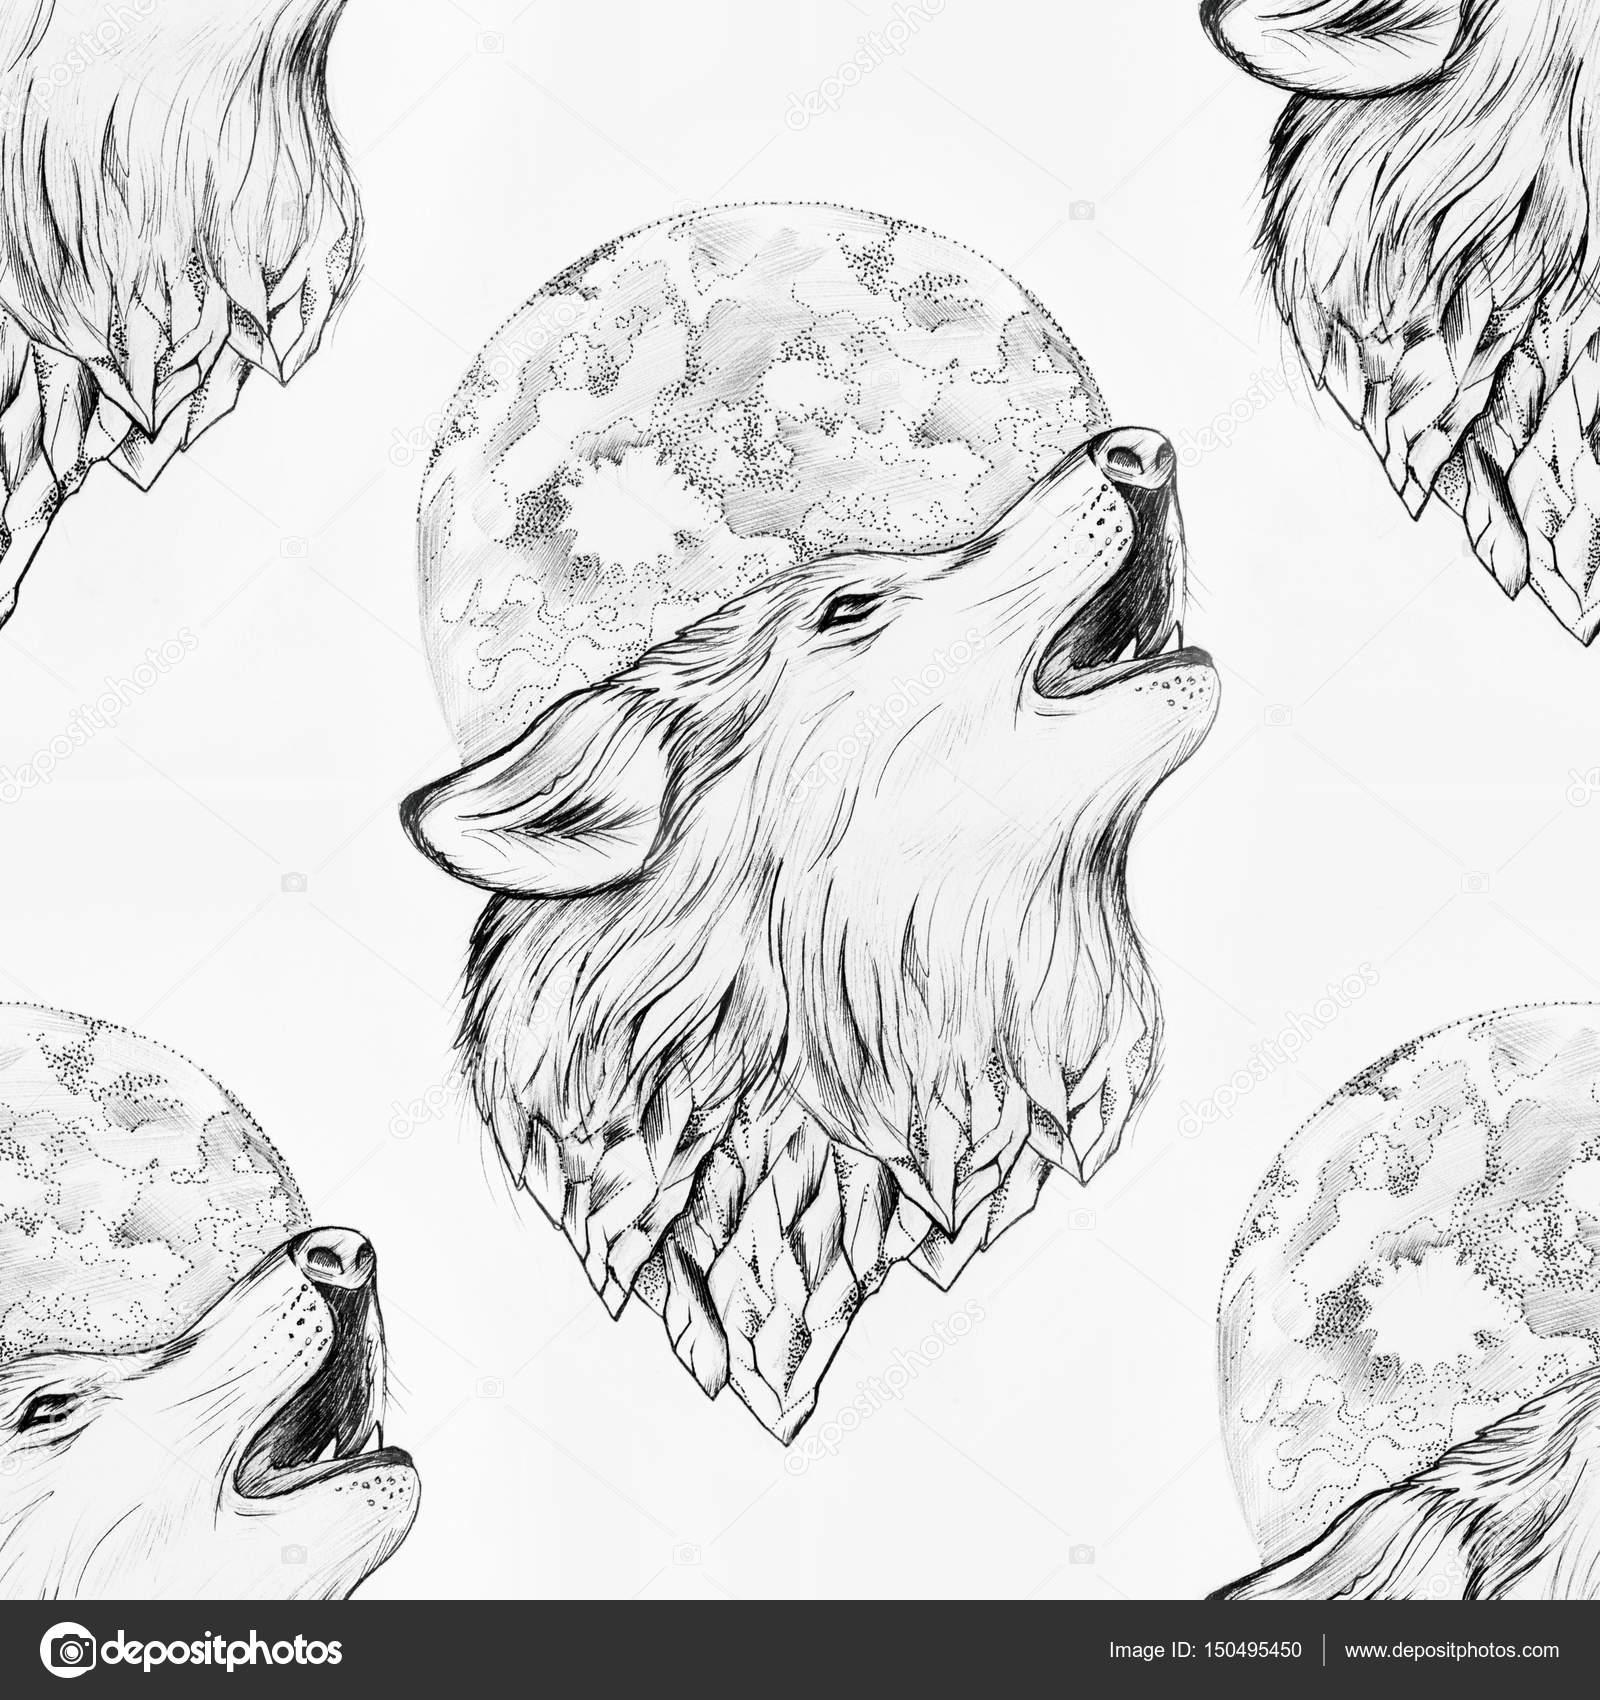 Dibujos Lobo Aullando A La Luna Dibujo A Lapiz Dibujo De Un Lobo